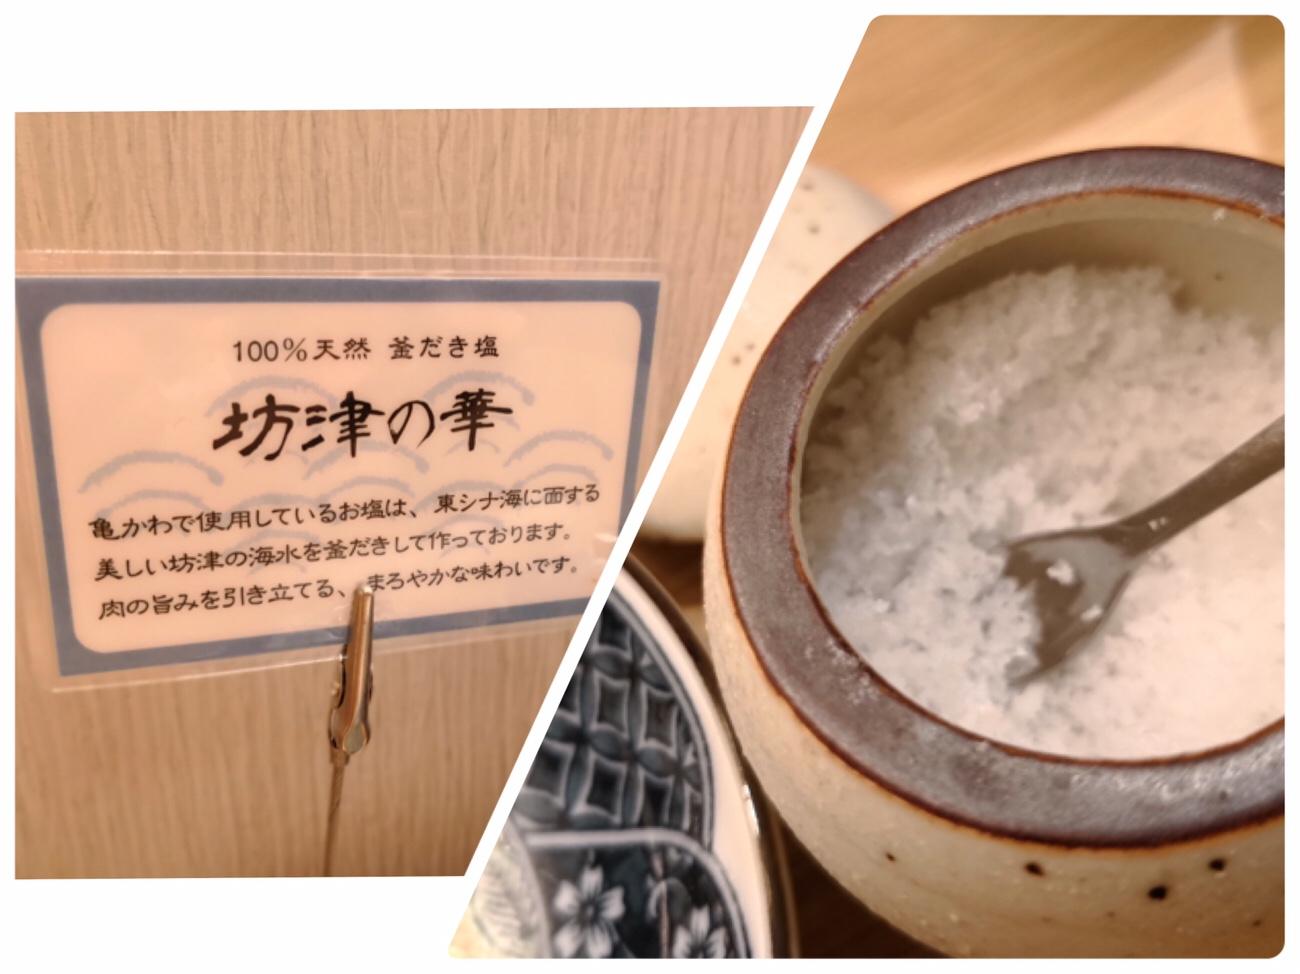 坊津の華 塩 とんかつ一頭揚げ亀かわ